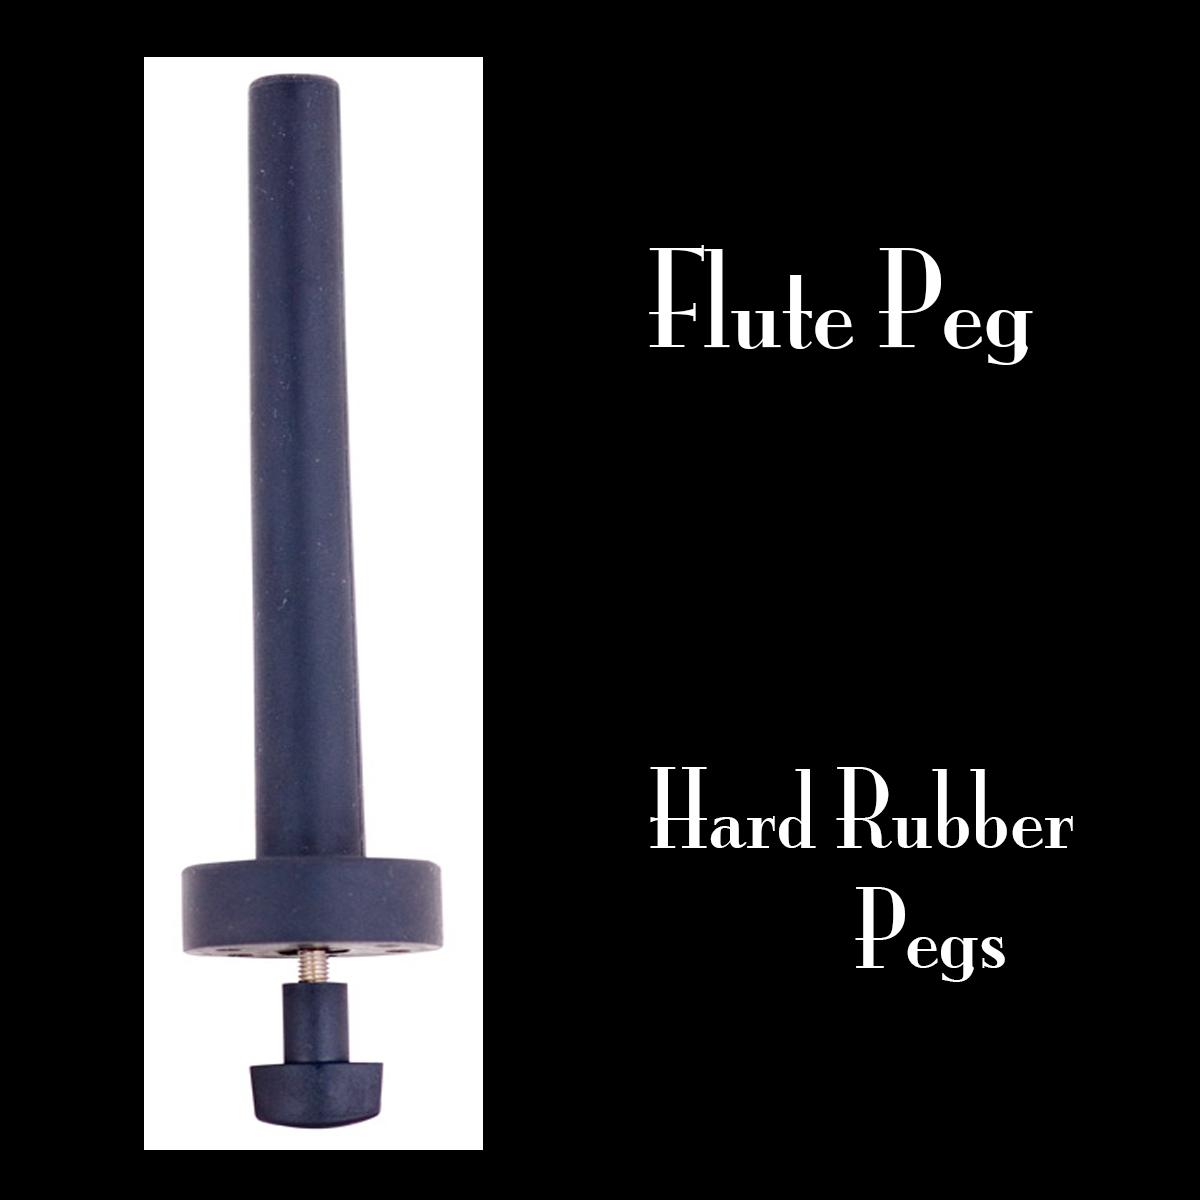 Hard Rubber flute Peg for C Flute